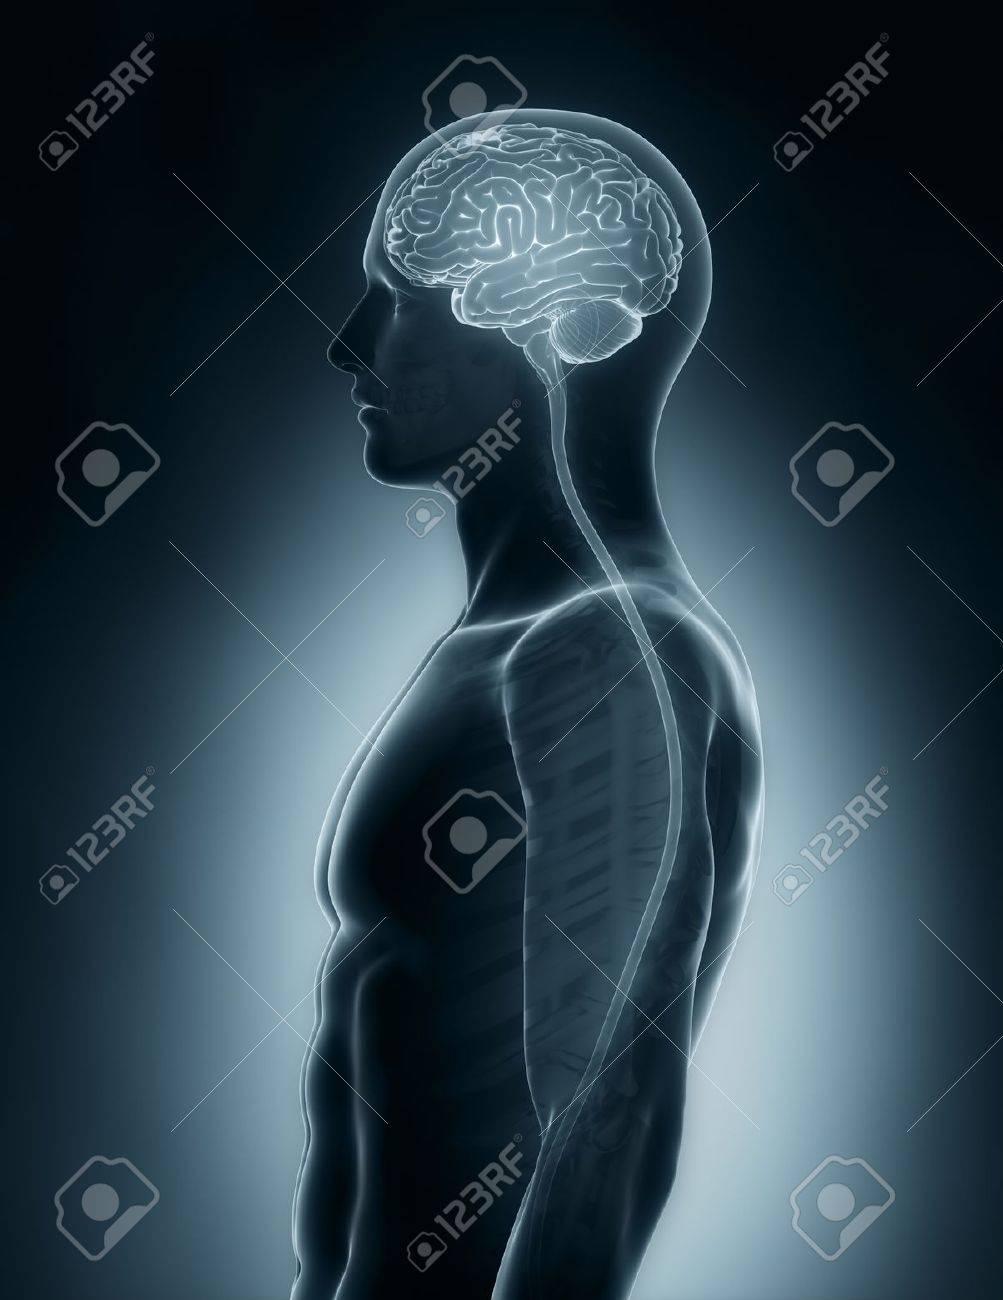 Gehirn Und Rückenmark Medizinische Röntgen-Scan Lizenzfreie Fotos ...